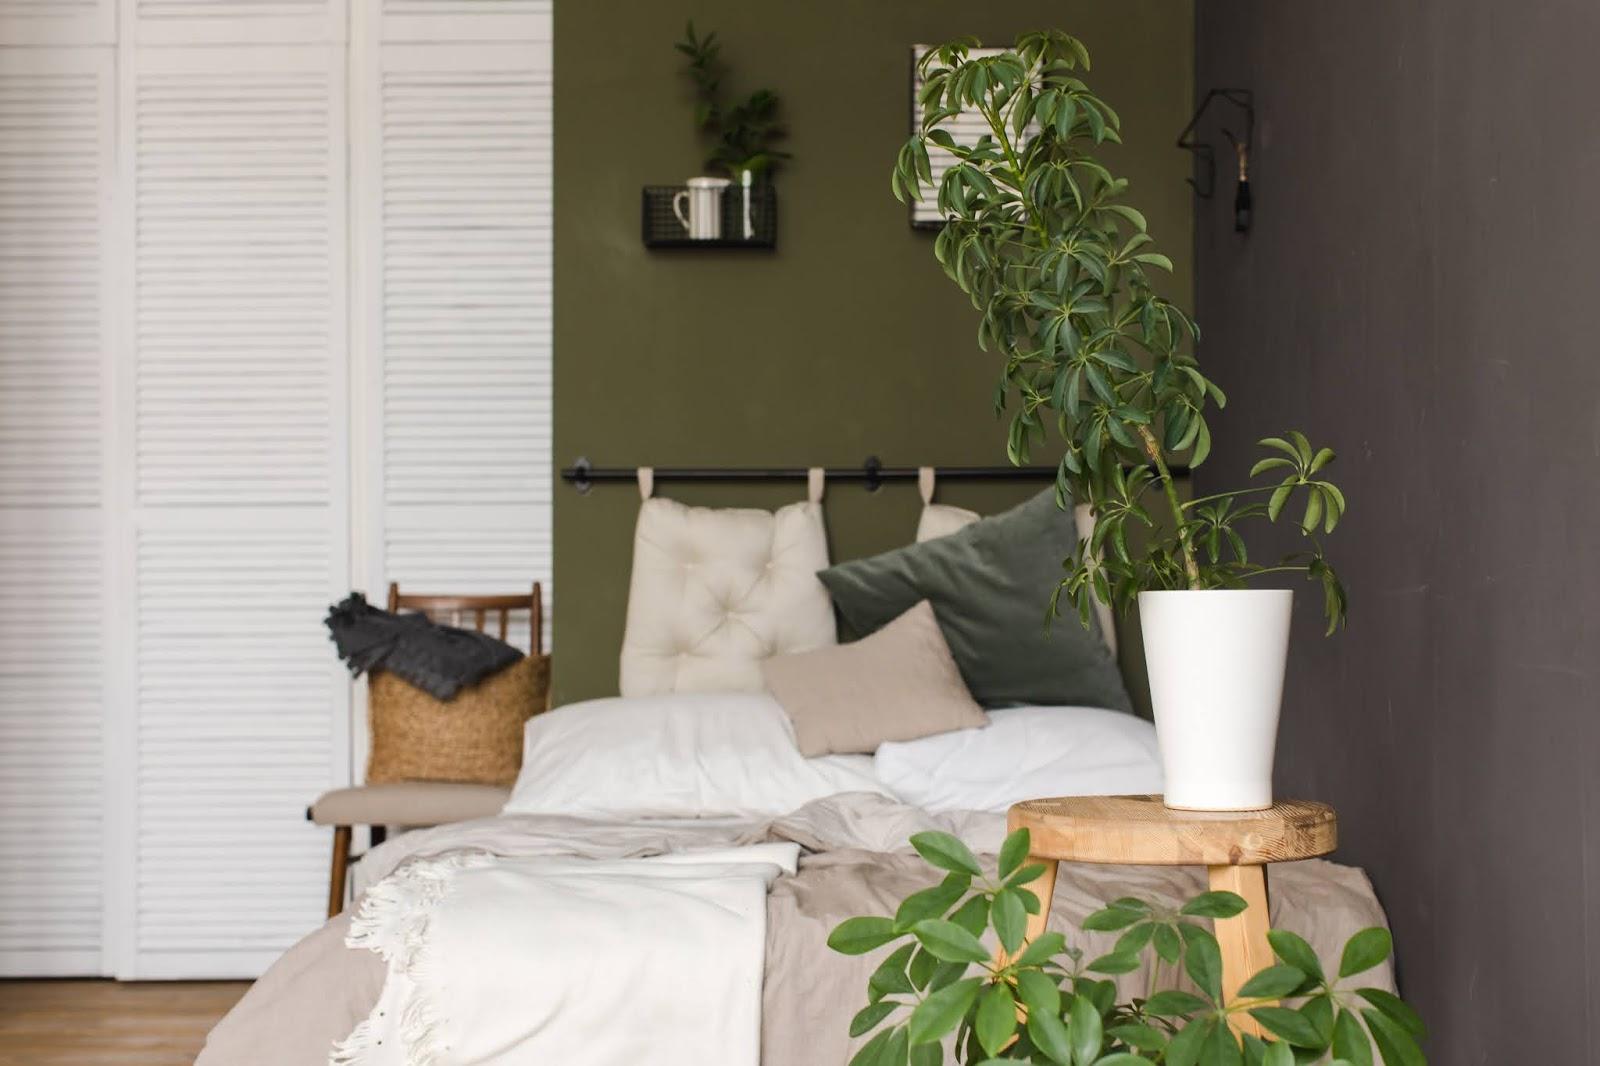 Dormitorio moderno con pared verde y ropa de cama en beige, y muchas plantas